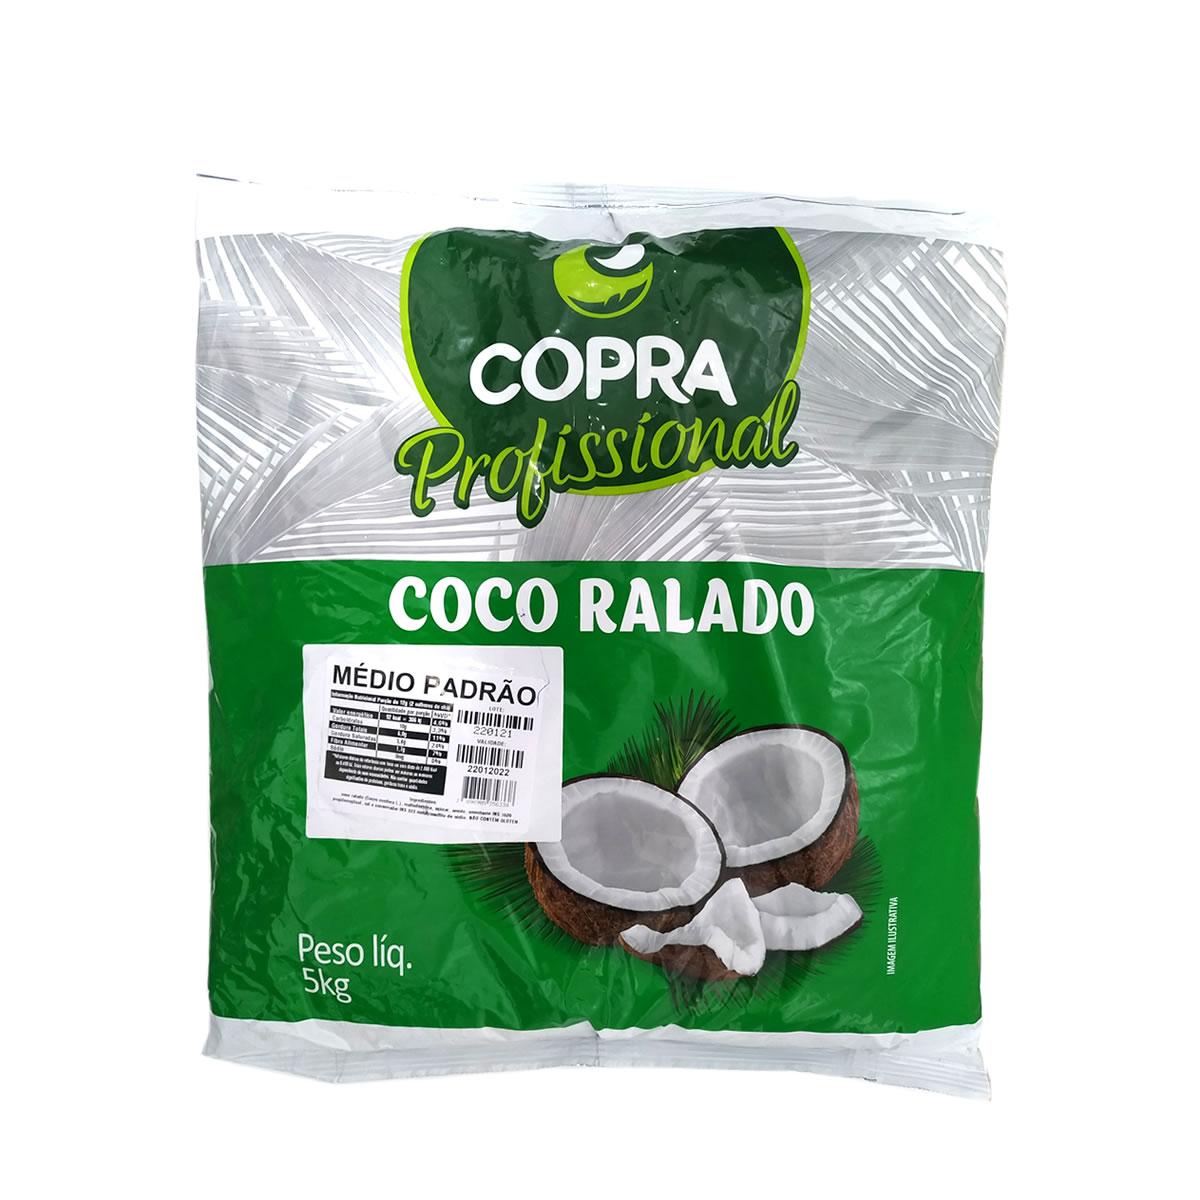 Coco Ralado Médio Padrão 5kg - Copra